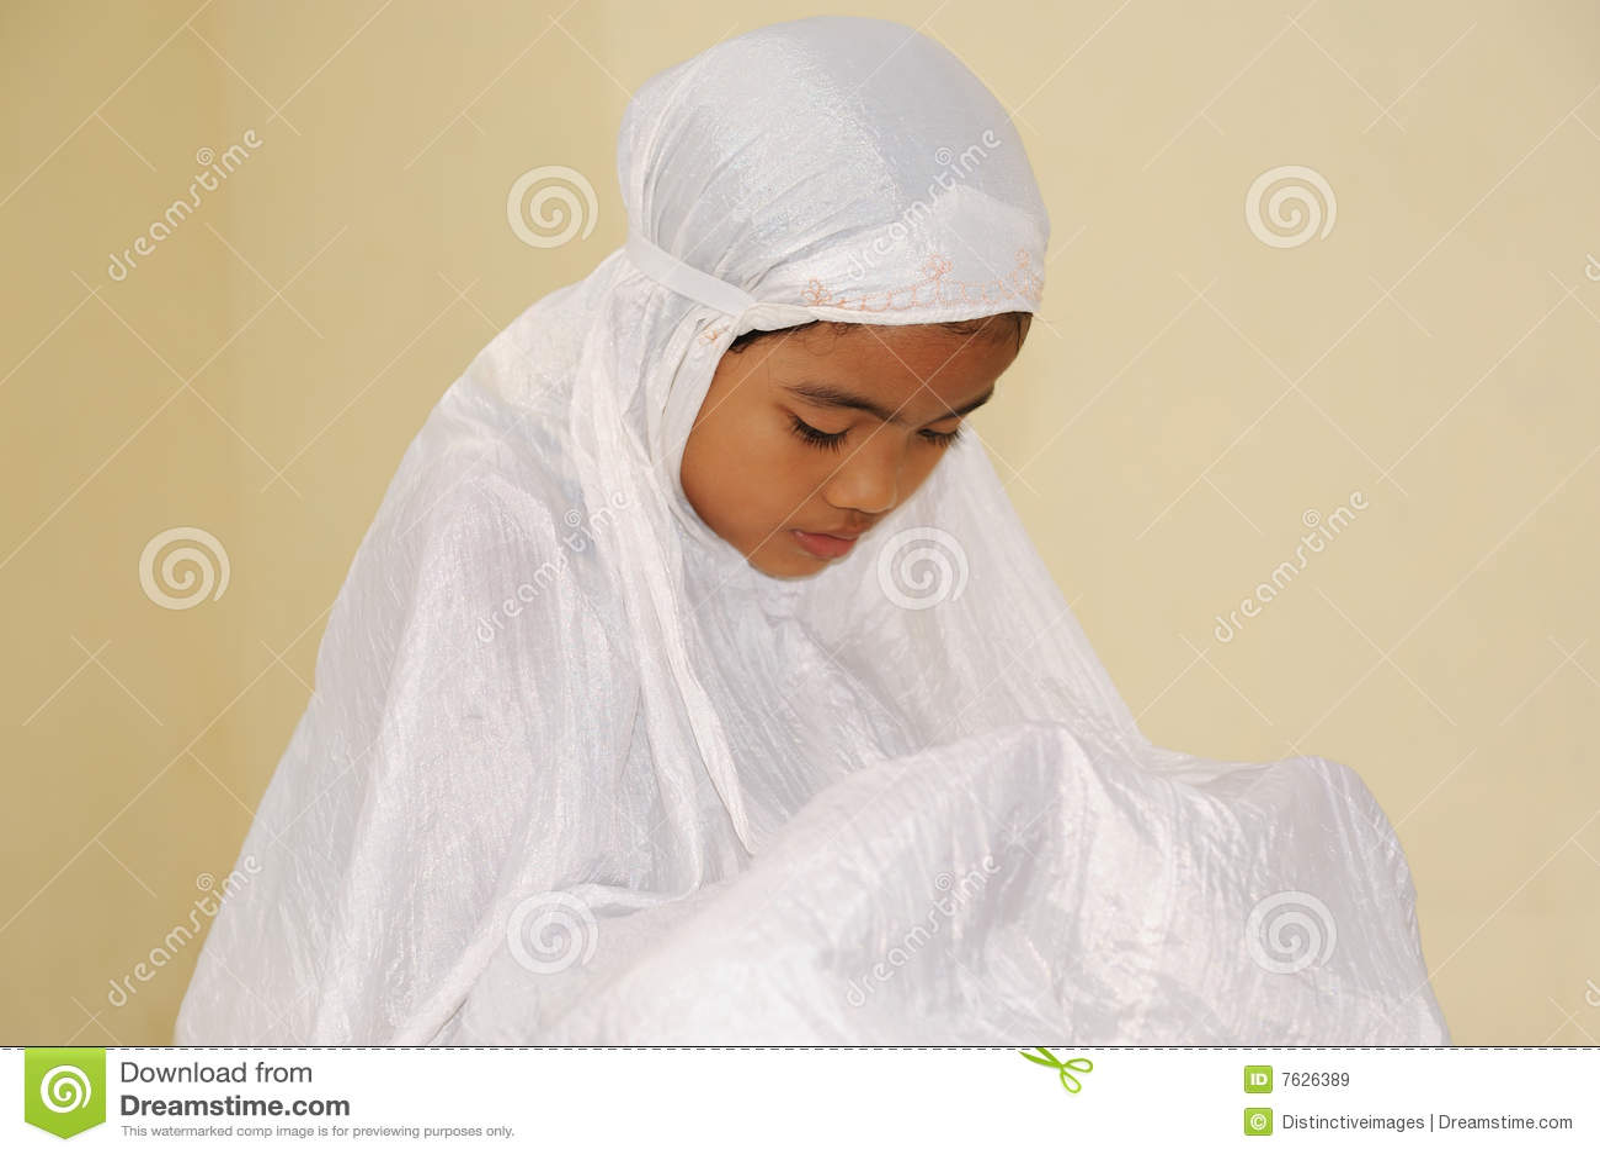 Islamic Girl Praying Wallpapers Muslim Girl Praying Royalty Free Stock Images Image 7626389